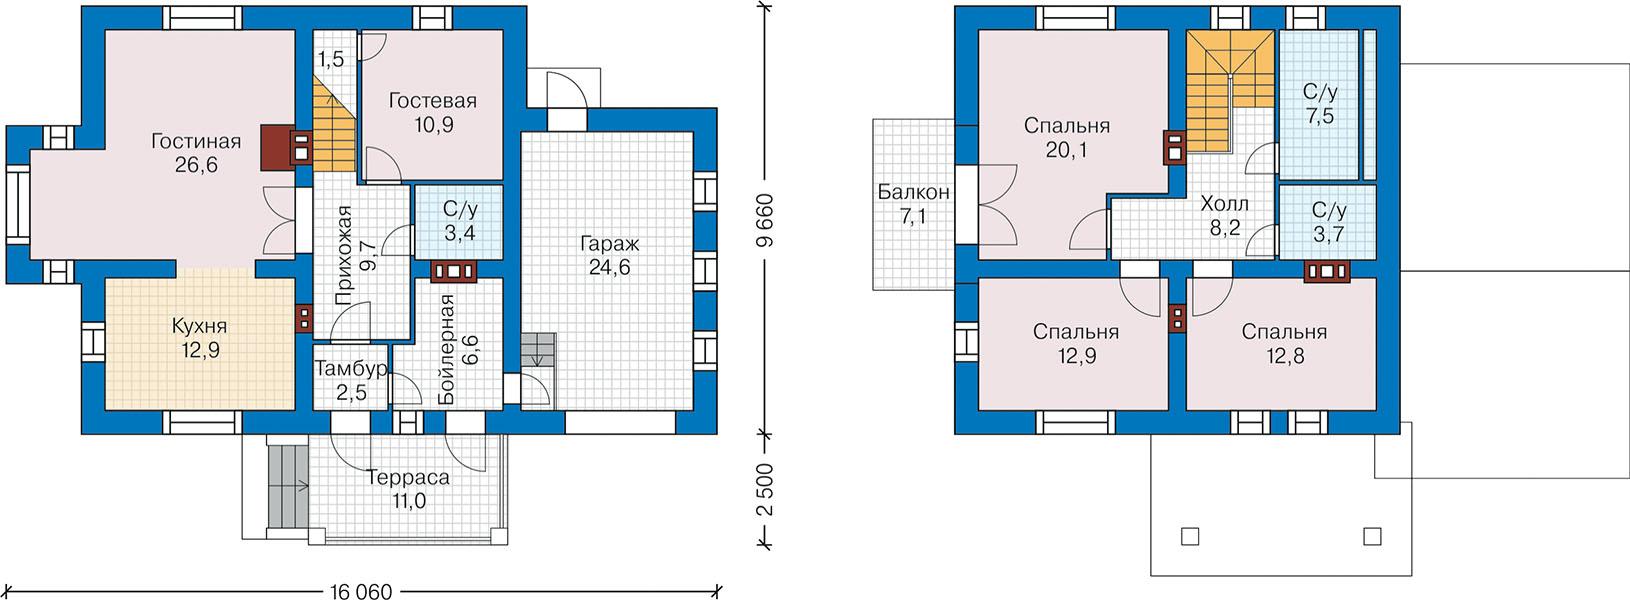 План первого этажа - проект Истад